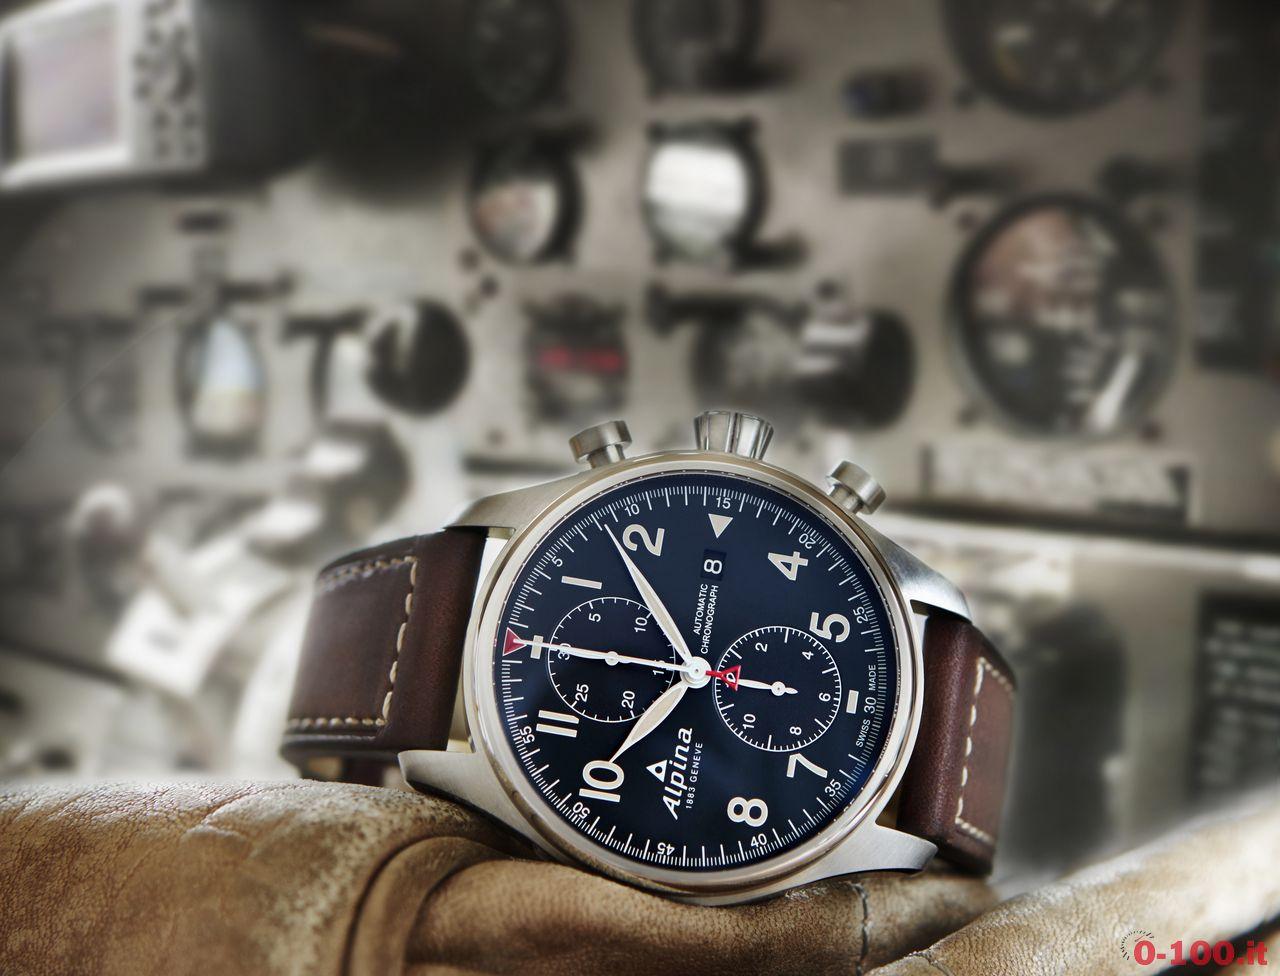 alpina-startimer-pilot-automatic-chronograph-prezzo-price_0-1003